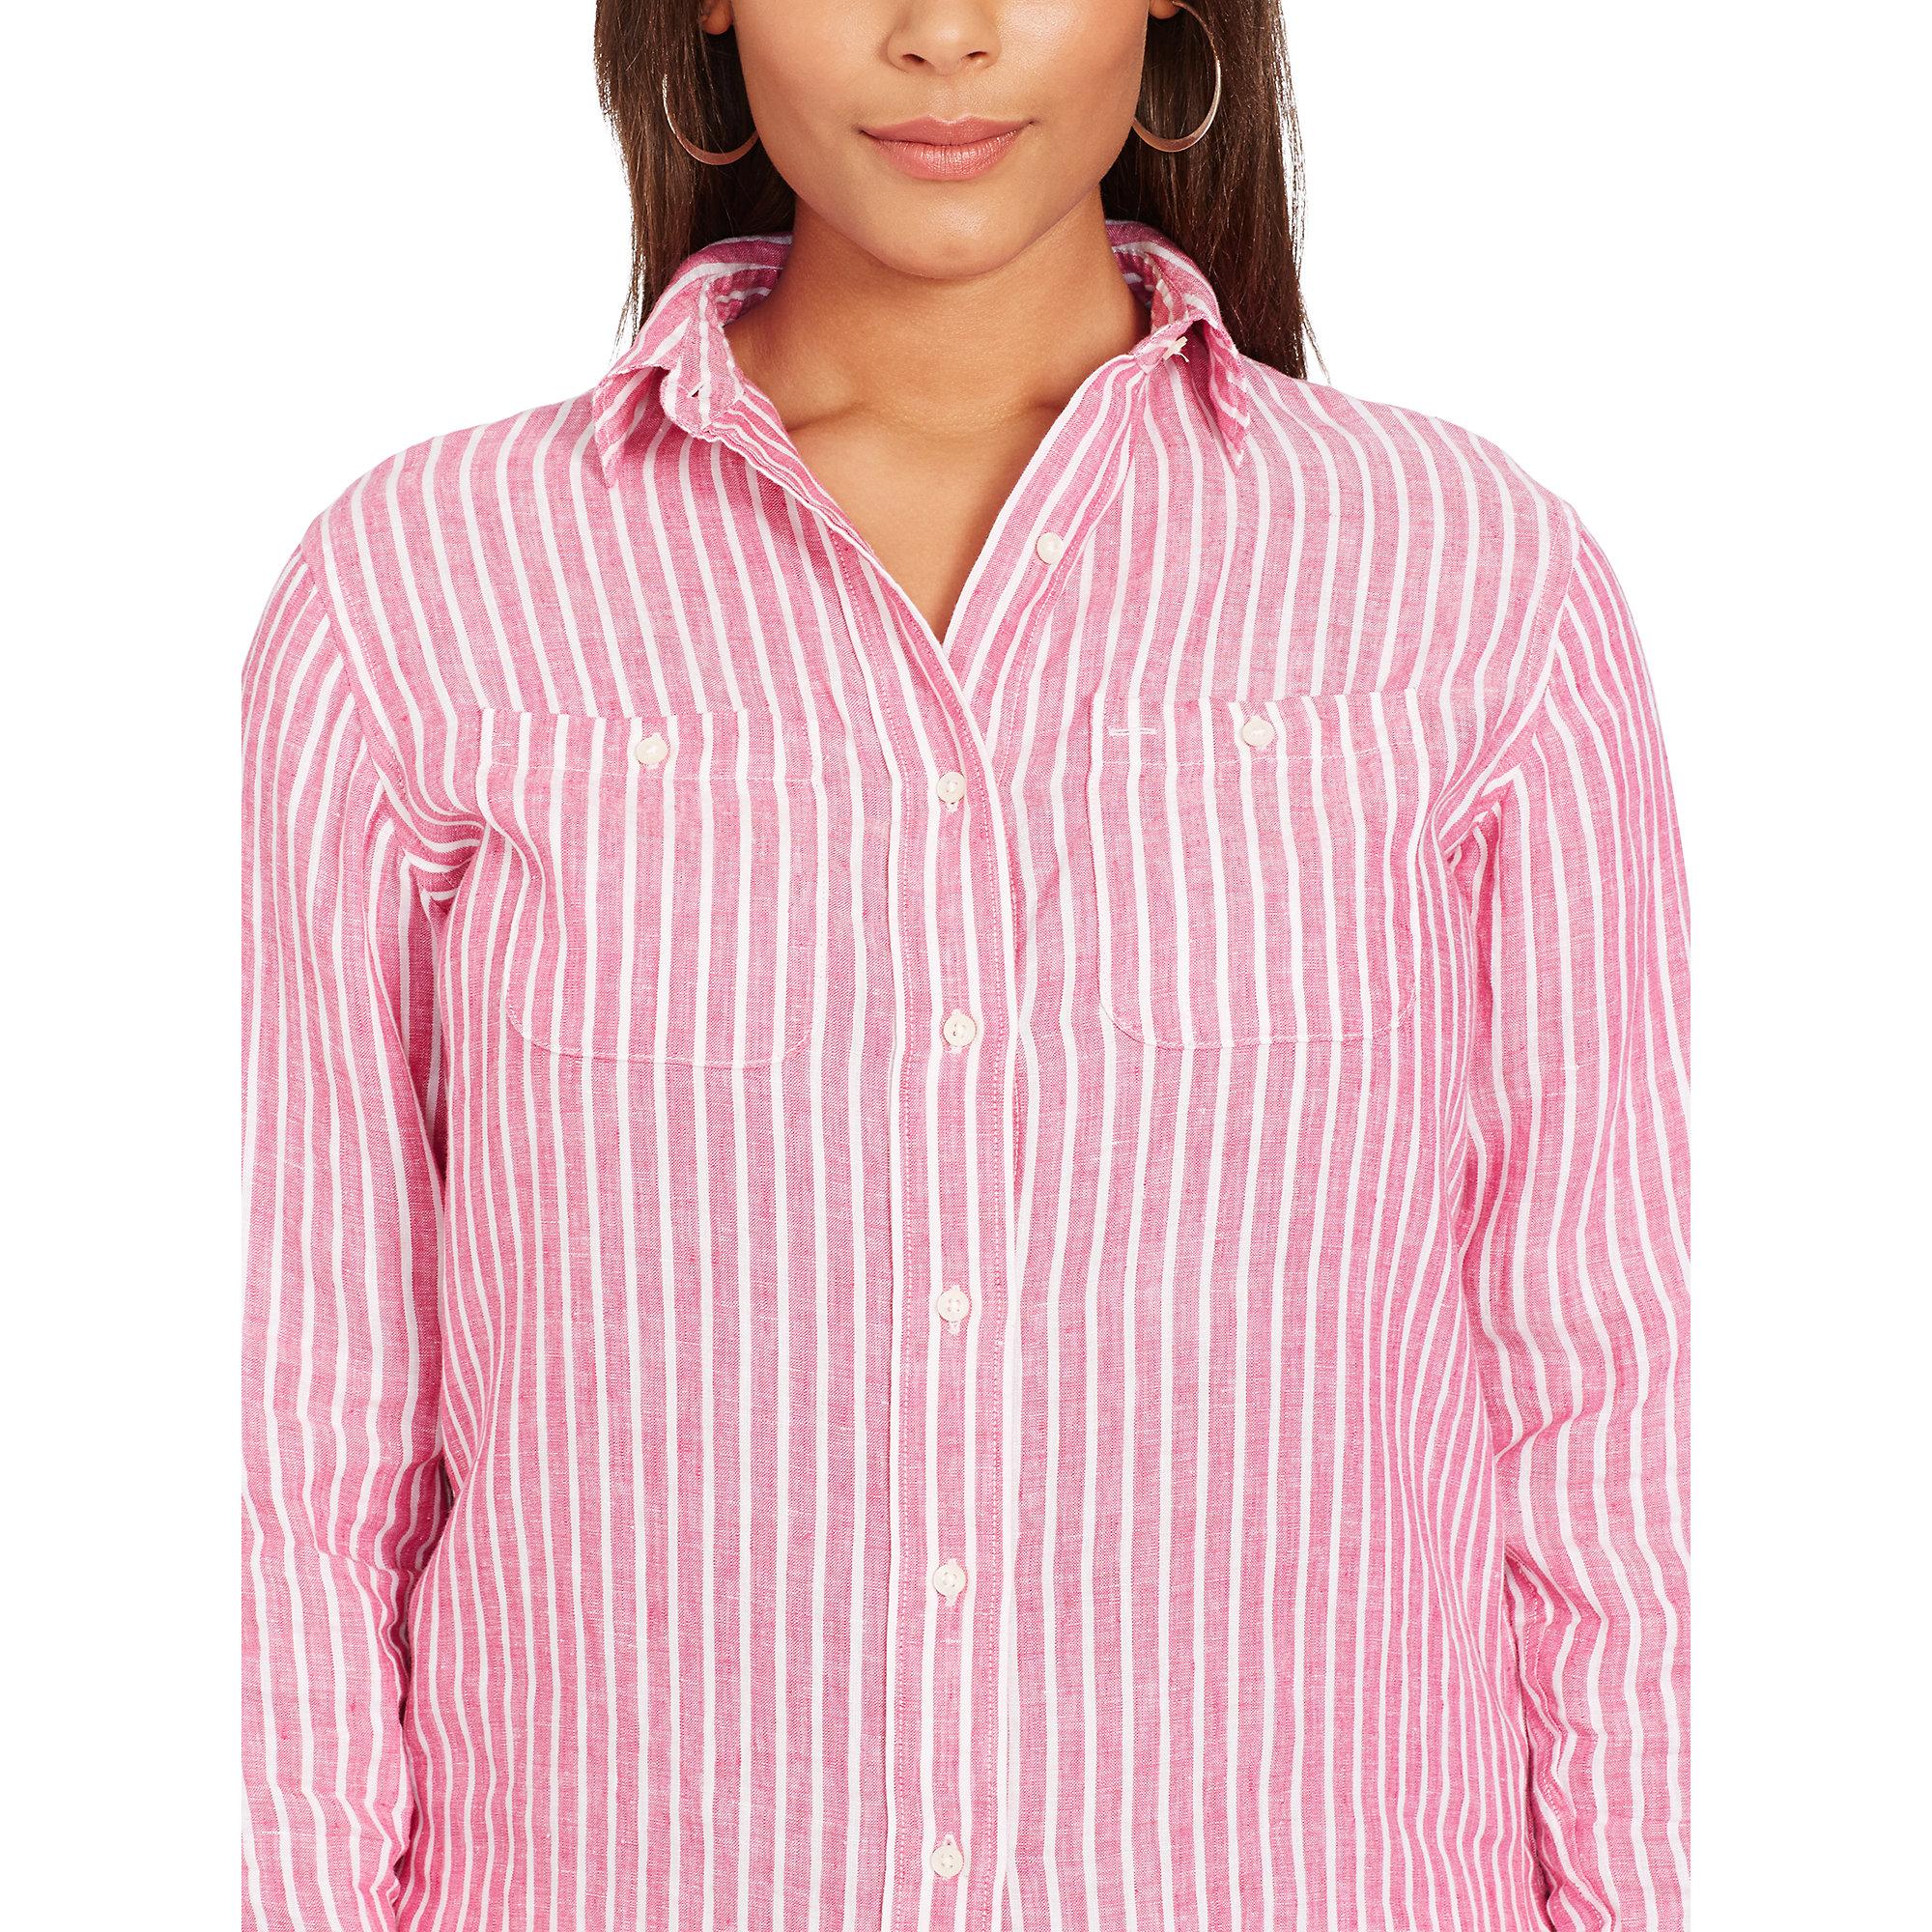 4bb49c4dcf ... discount code for lyst ralph lauren striped linen shirt in pink a4083  dd7ba